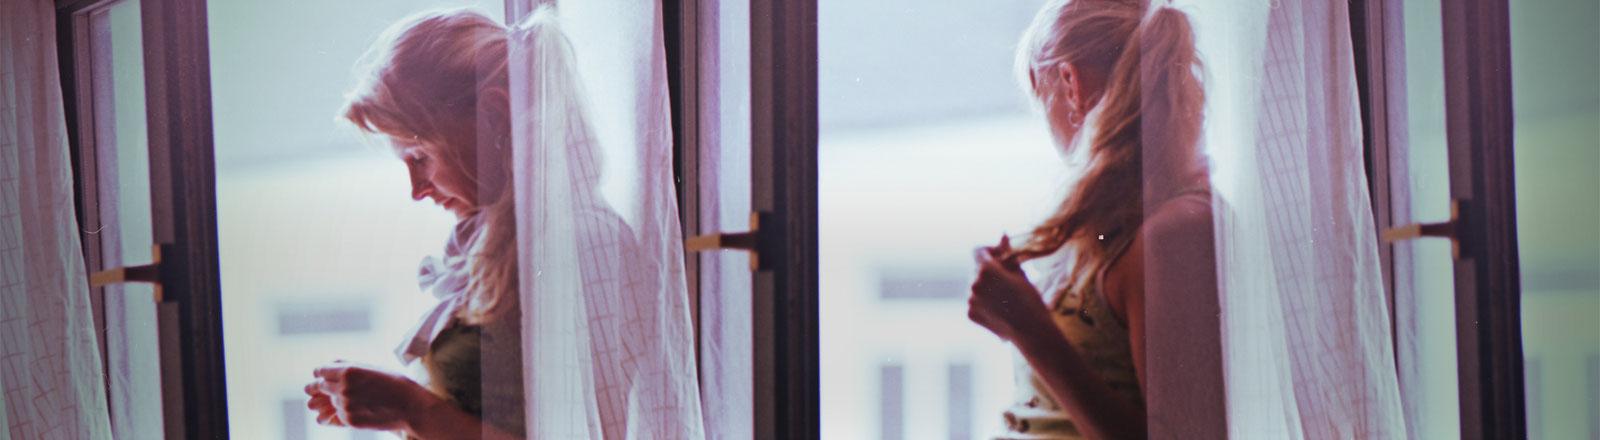 Ein Frau steht am Fenster und wartet.